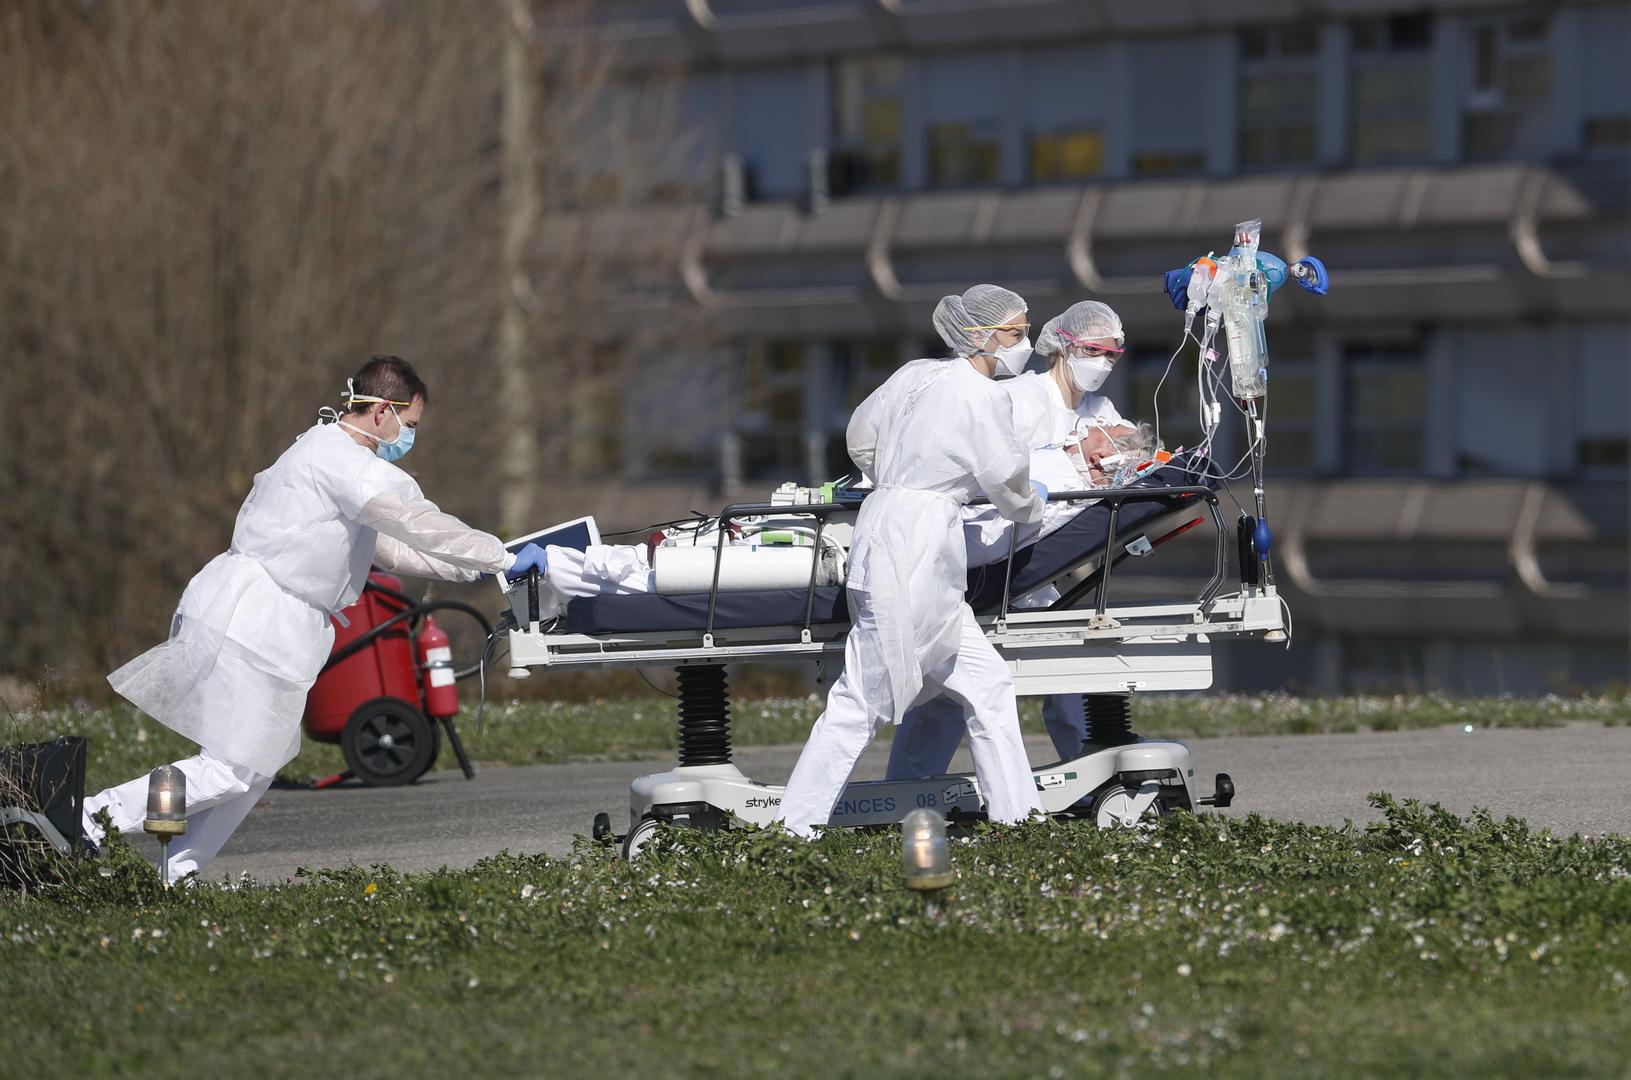 فرنسا.. حصيلة ضحايا كورونا تقترب من 100 ألف حالة وفاة